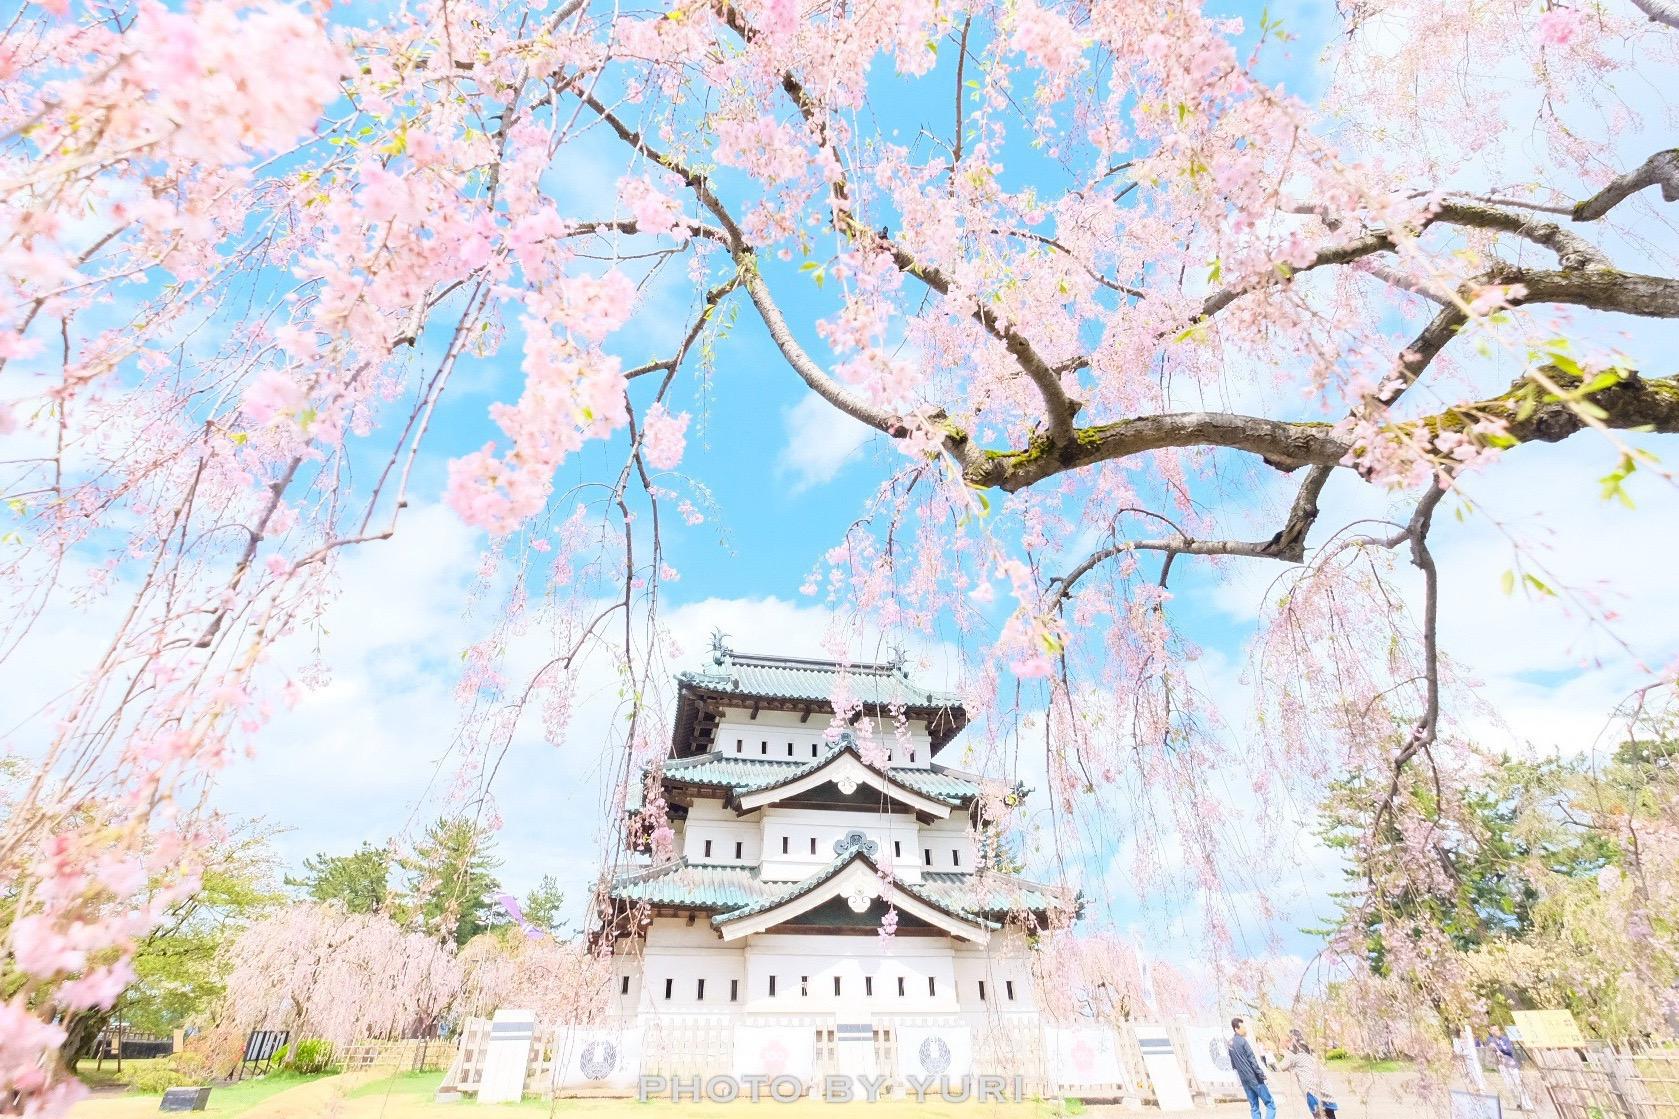 青森行き航空券は入手困難!GW早期予約で弘前城公園の桜を見る方法